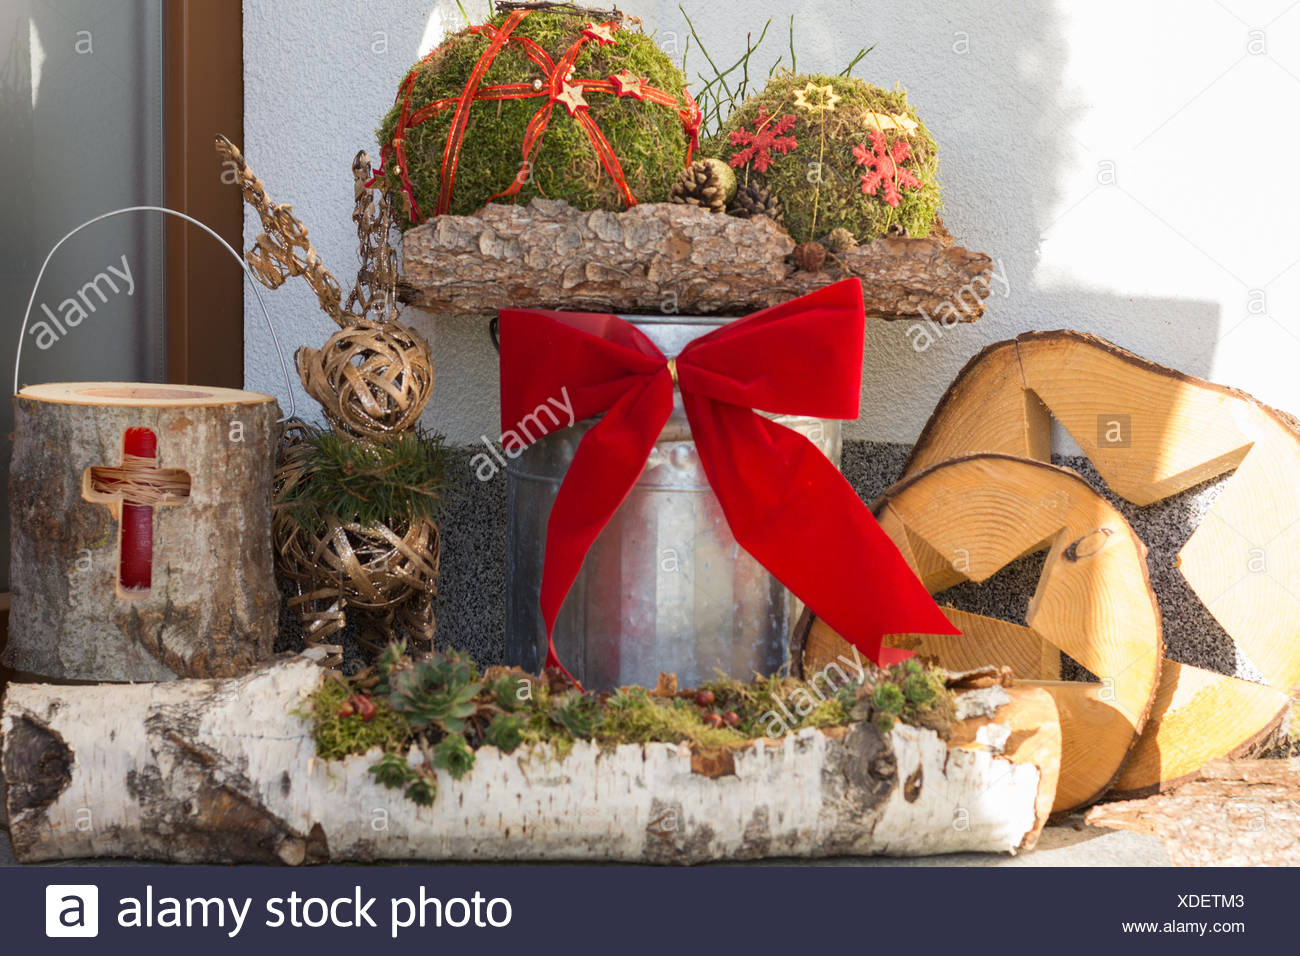 Außendekoration Weihnachten.Außendekoration Weihnachten Nächsten Eingang Stockfoto Bild